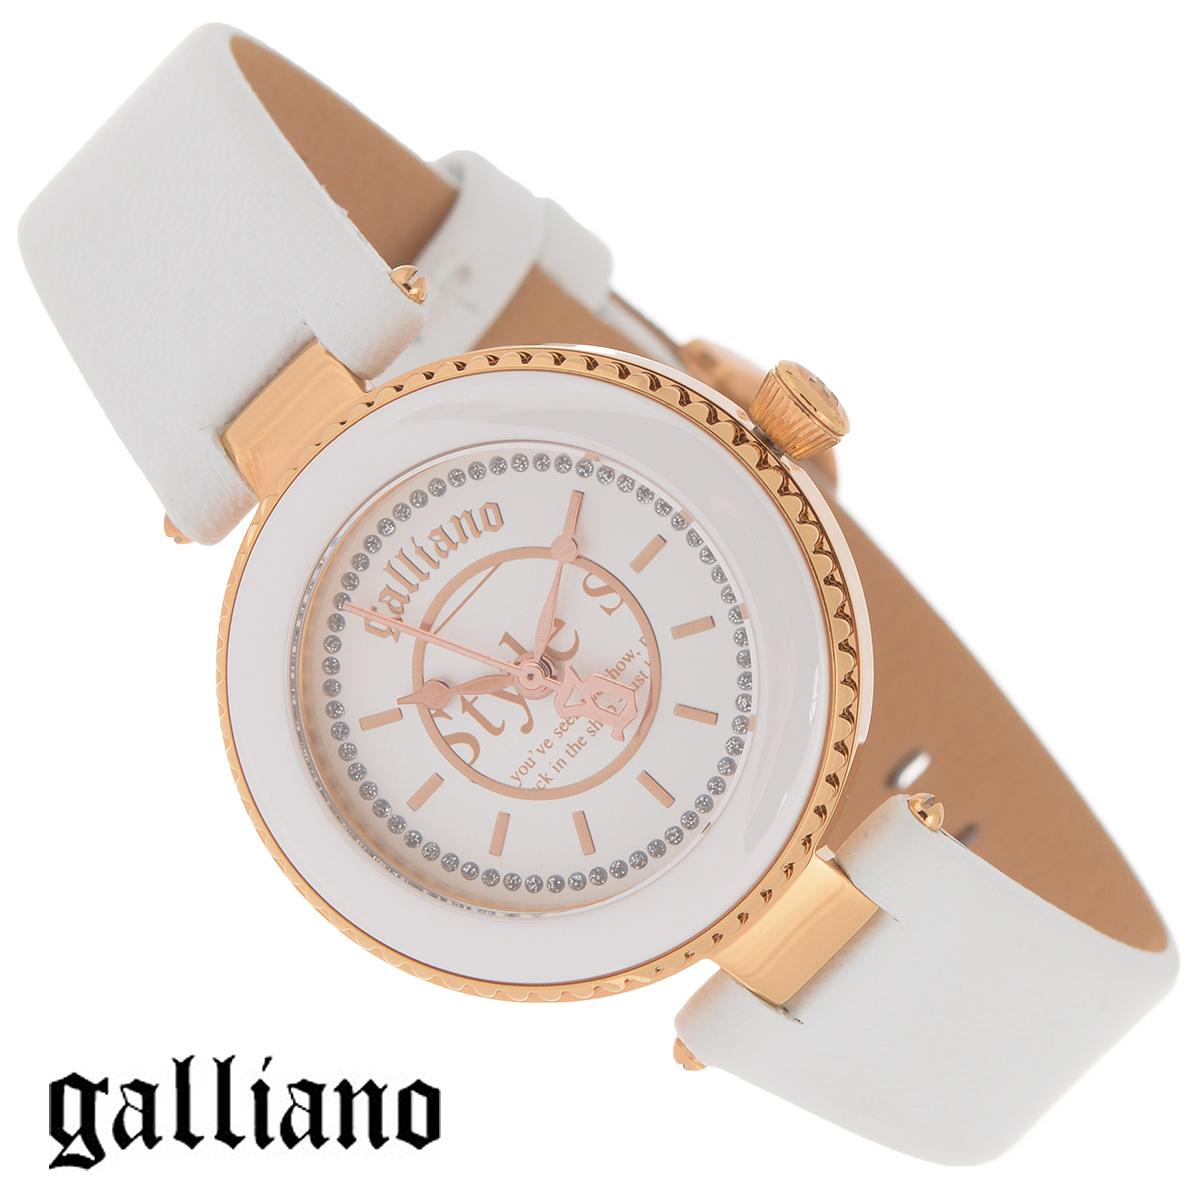 Часы женские наручные Galliano, цвет: белый, золотой. R2551112502R2551112502Наручные женские часы Galliano оснащены кварцевым механизмом. Корпус выполнен из высококачественной нержавеющей стали с PVD-покрытием и керамической вставкой. Циферблат с отметками декорирован кристаллами и защищен минеральным стеклом. Часы имеют три стрелки - часовую, минутную и секундную. Ремешок часов выполнен из натуральной кожи и оснащен классической застежкой. Часы укомплектованы паспортом с подробной инструкцией. Часы Galliano благодаря своему великолепному дизайну и качеству исполнения станут главным акцентом вашего образа. Характеристики: Диаметр циферблата: 2,3 см. Размер корпуса: 3,2 см х 3,2 см х 0,7 см. Длина ремешка (с корпусом): 21 см. Ширина ремешка: 1,6 см.